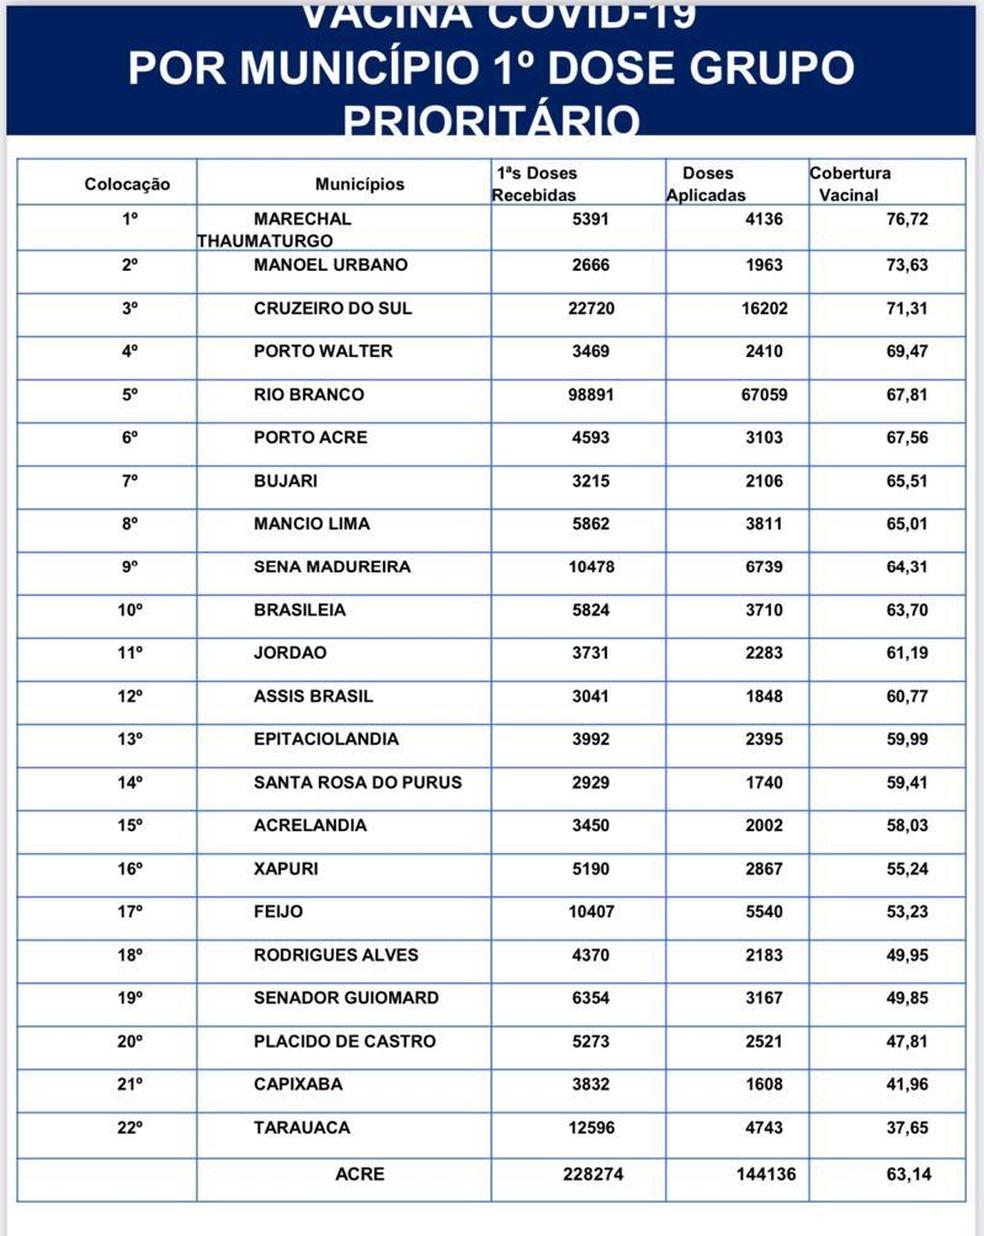 Tabela da vacinação de 1ª dose contra Covid-19 por município do Acre  — Foto: Reprodução